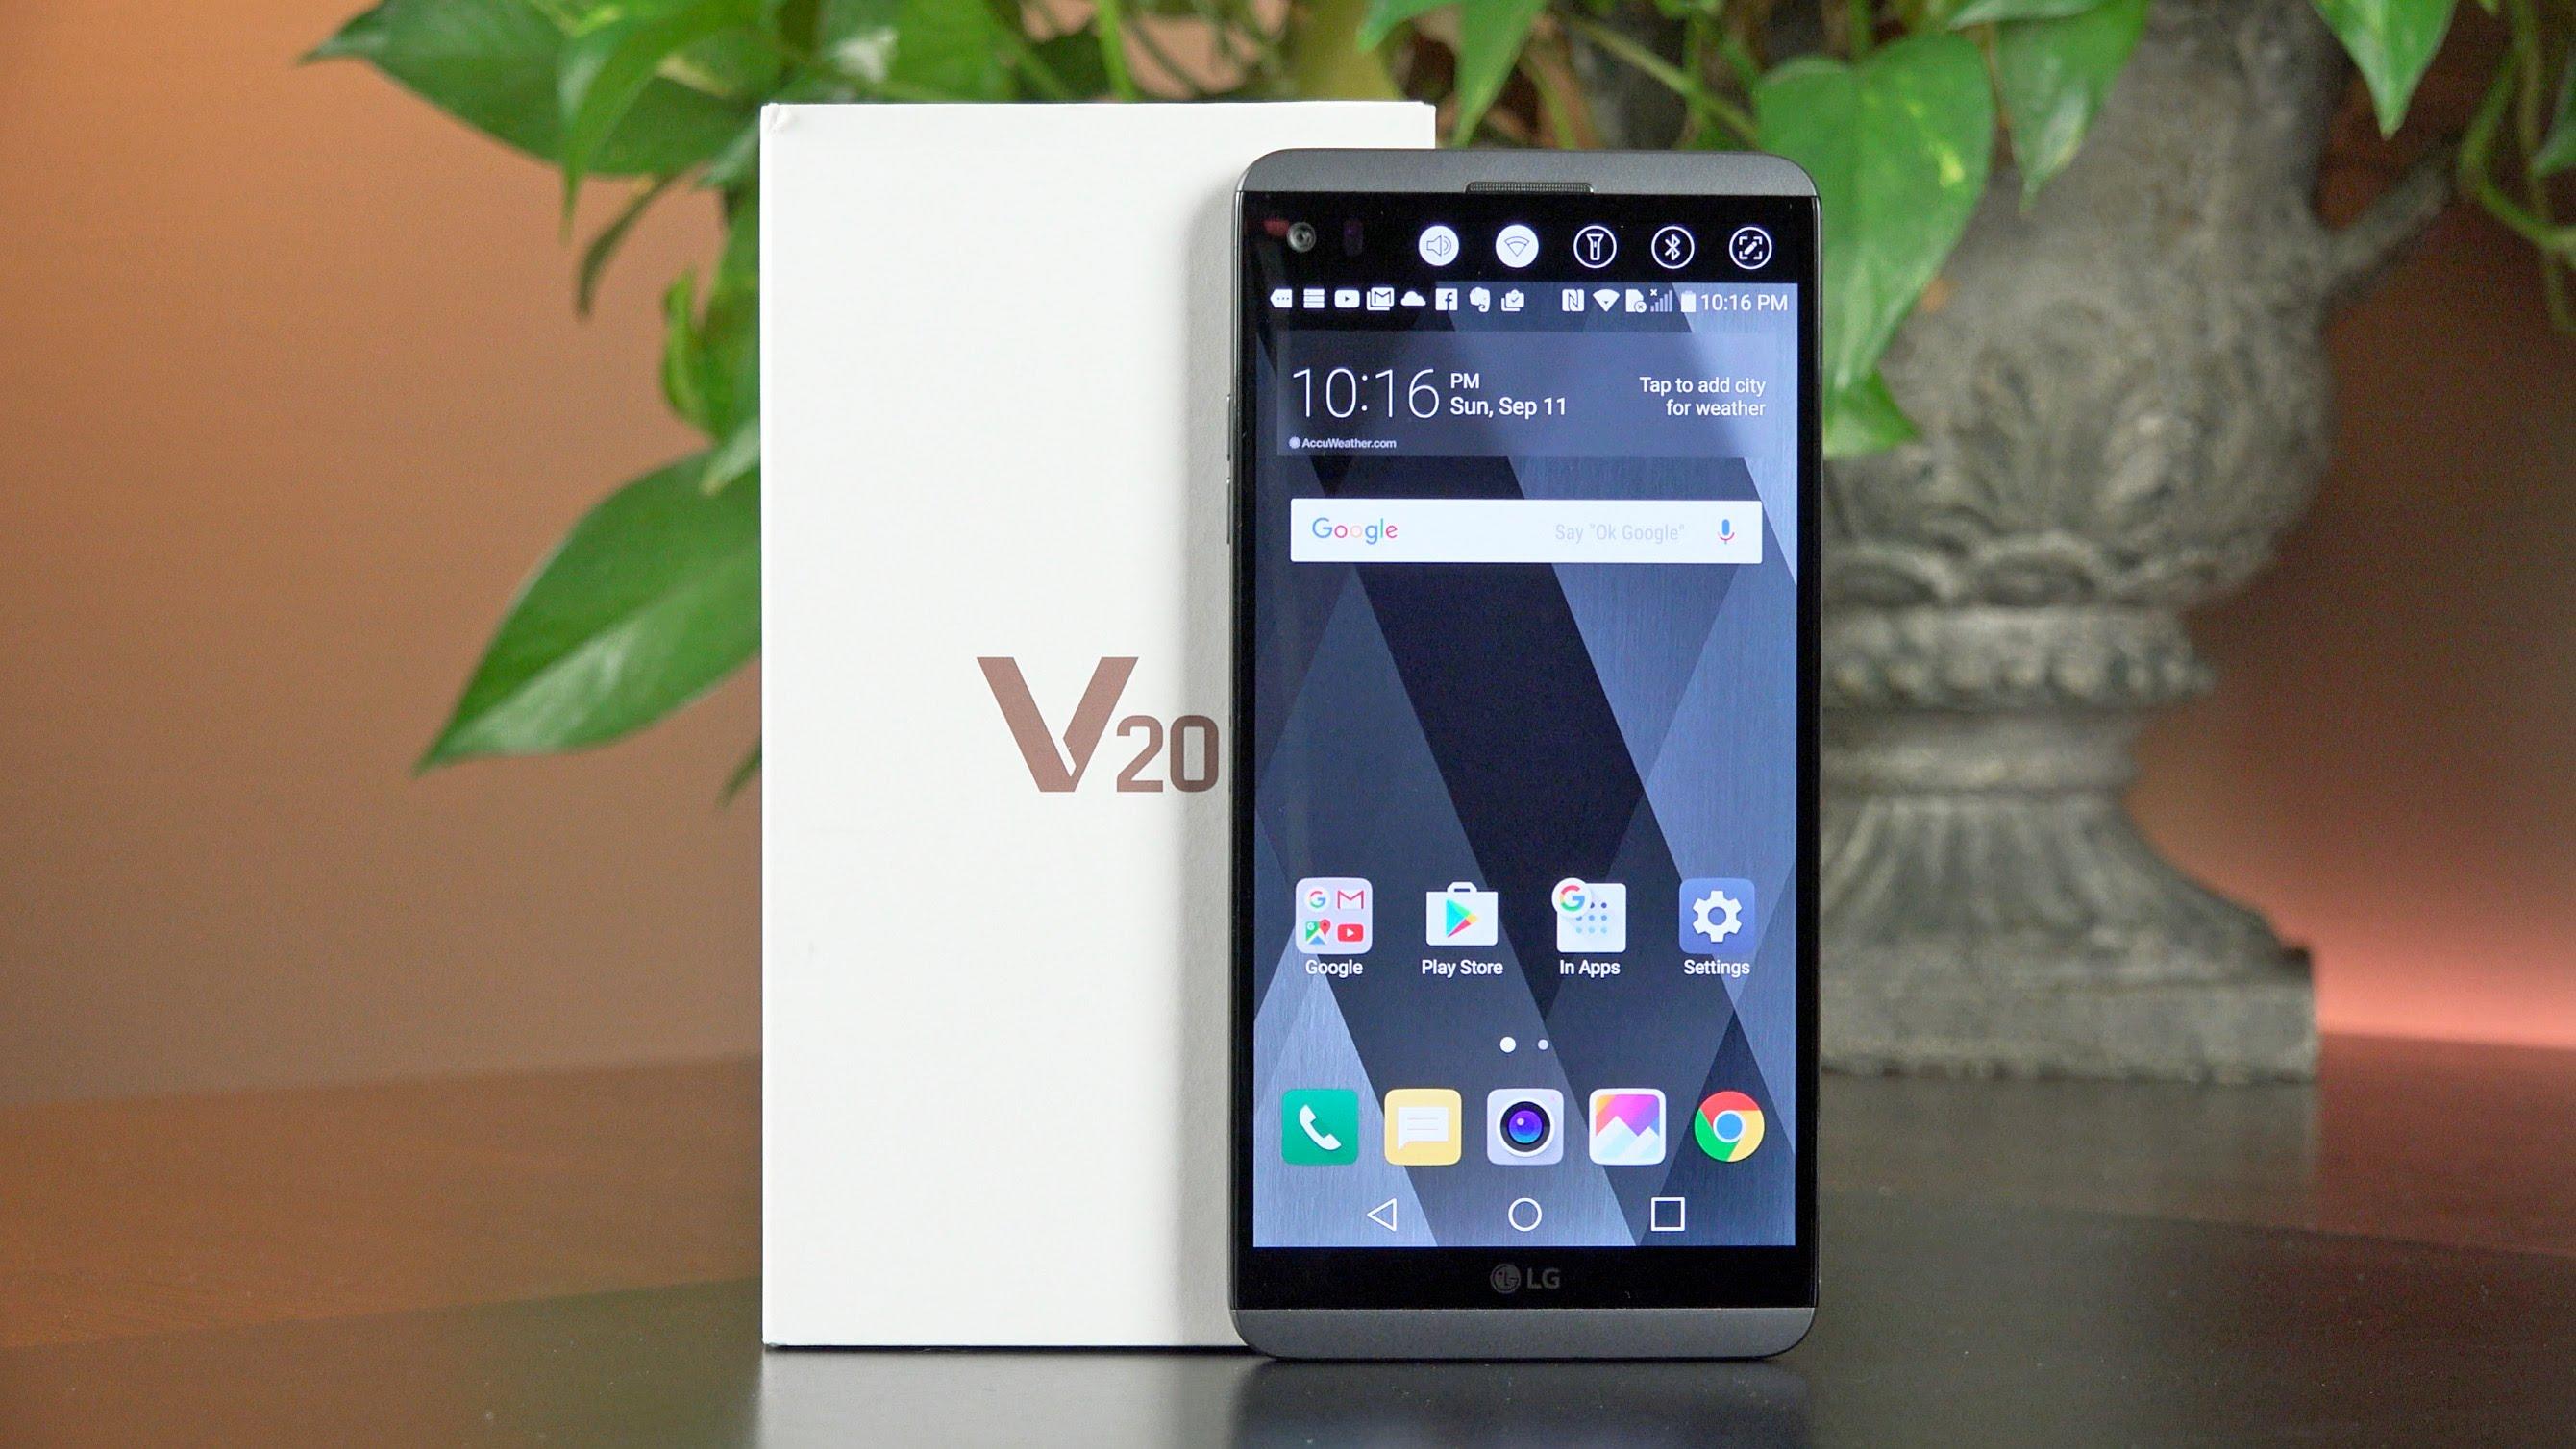 Hottest LG Mobile Phones - LG V20